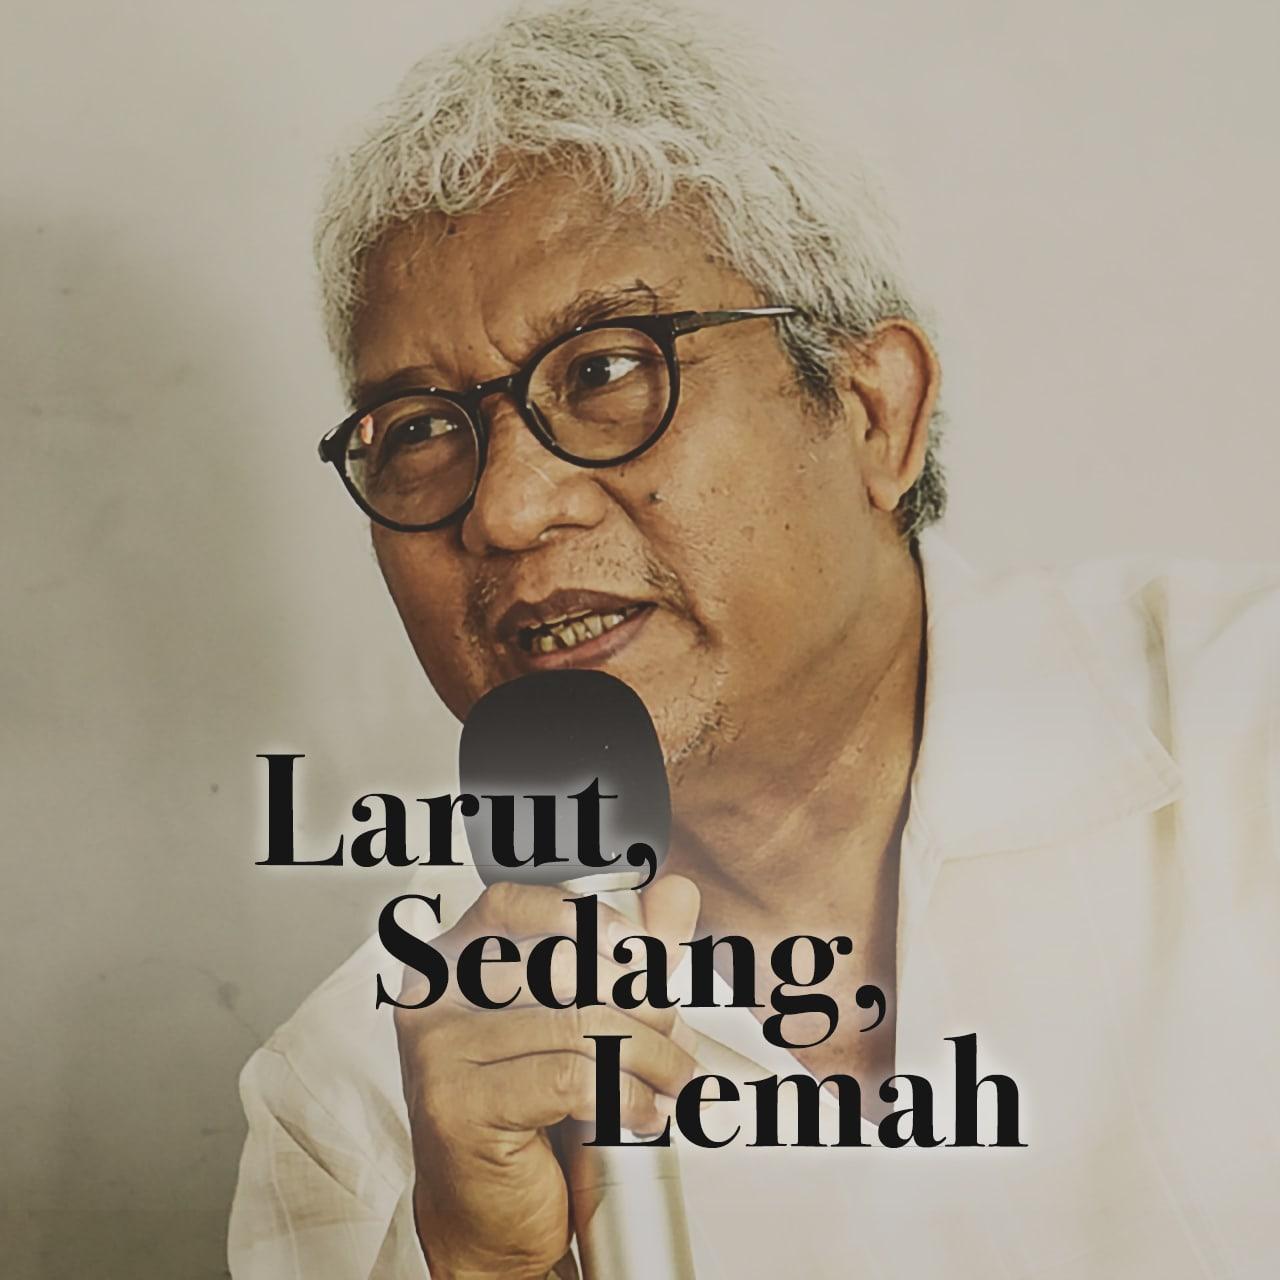 Larut, Sedang, Lemah